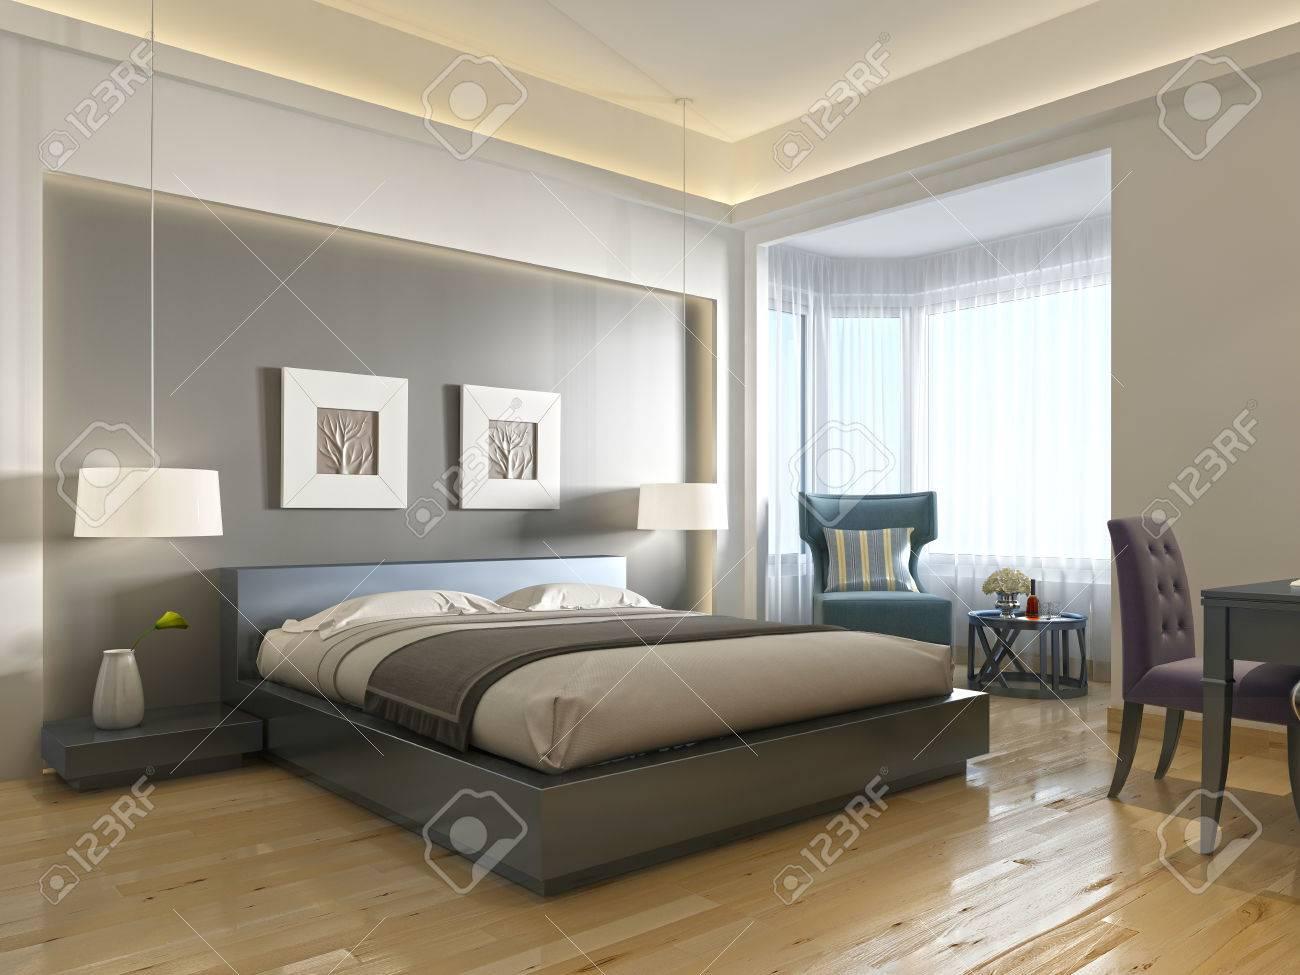 Chambre d\'hôtel moderne avec grand lit, style contemporain avec des  éléments de l\'art déco. Niche décorative dans le mur avec éclairage et  salle ...